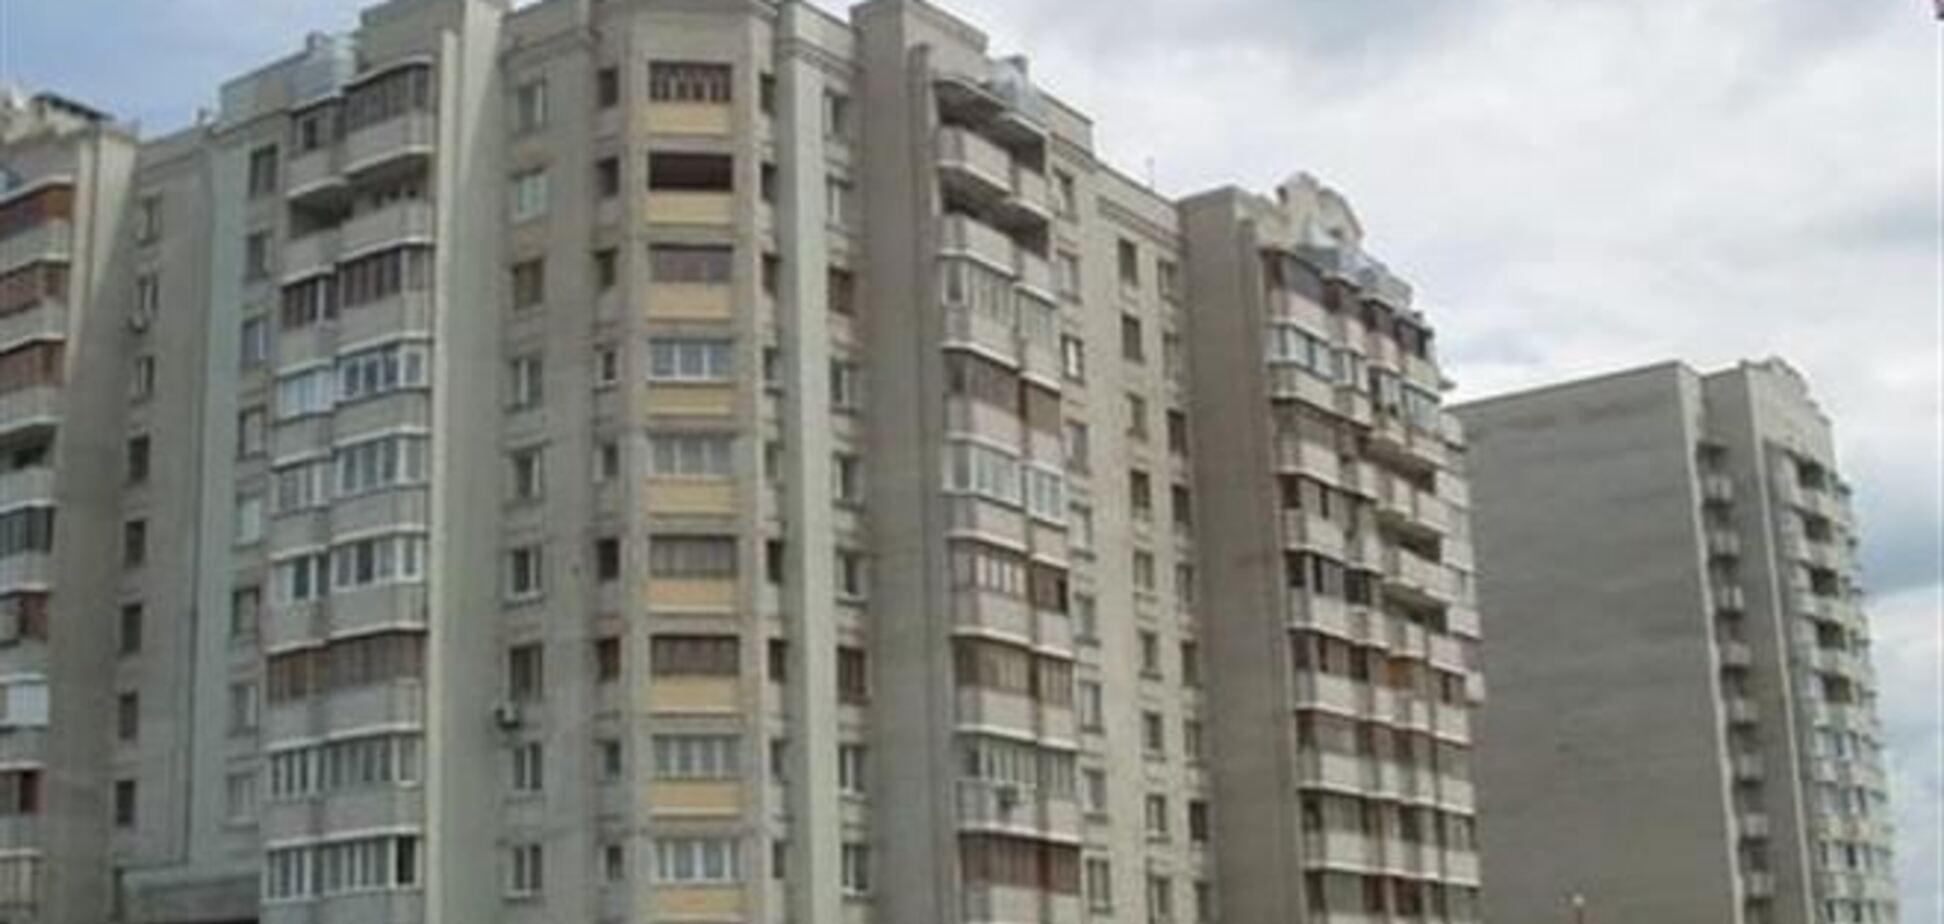 Метро на Теремках повысит стоимость жилья на 15%